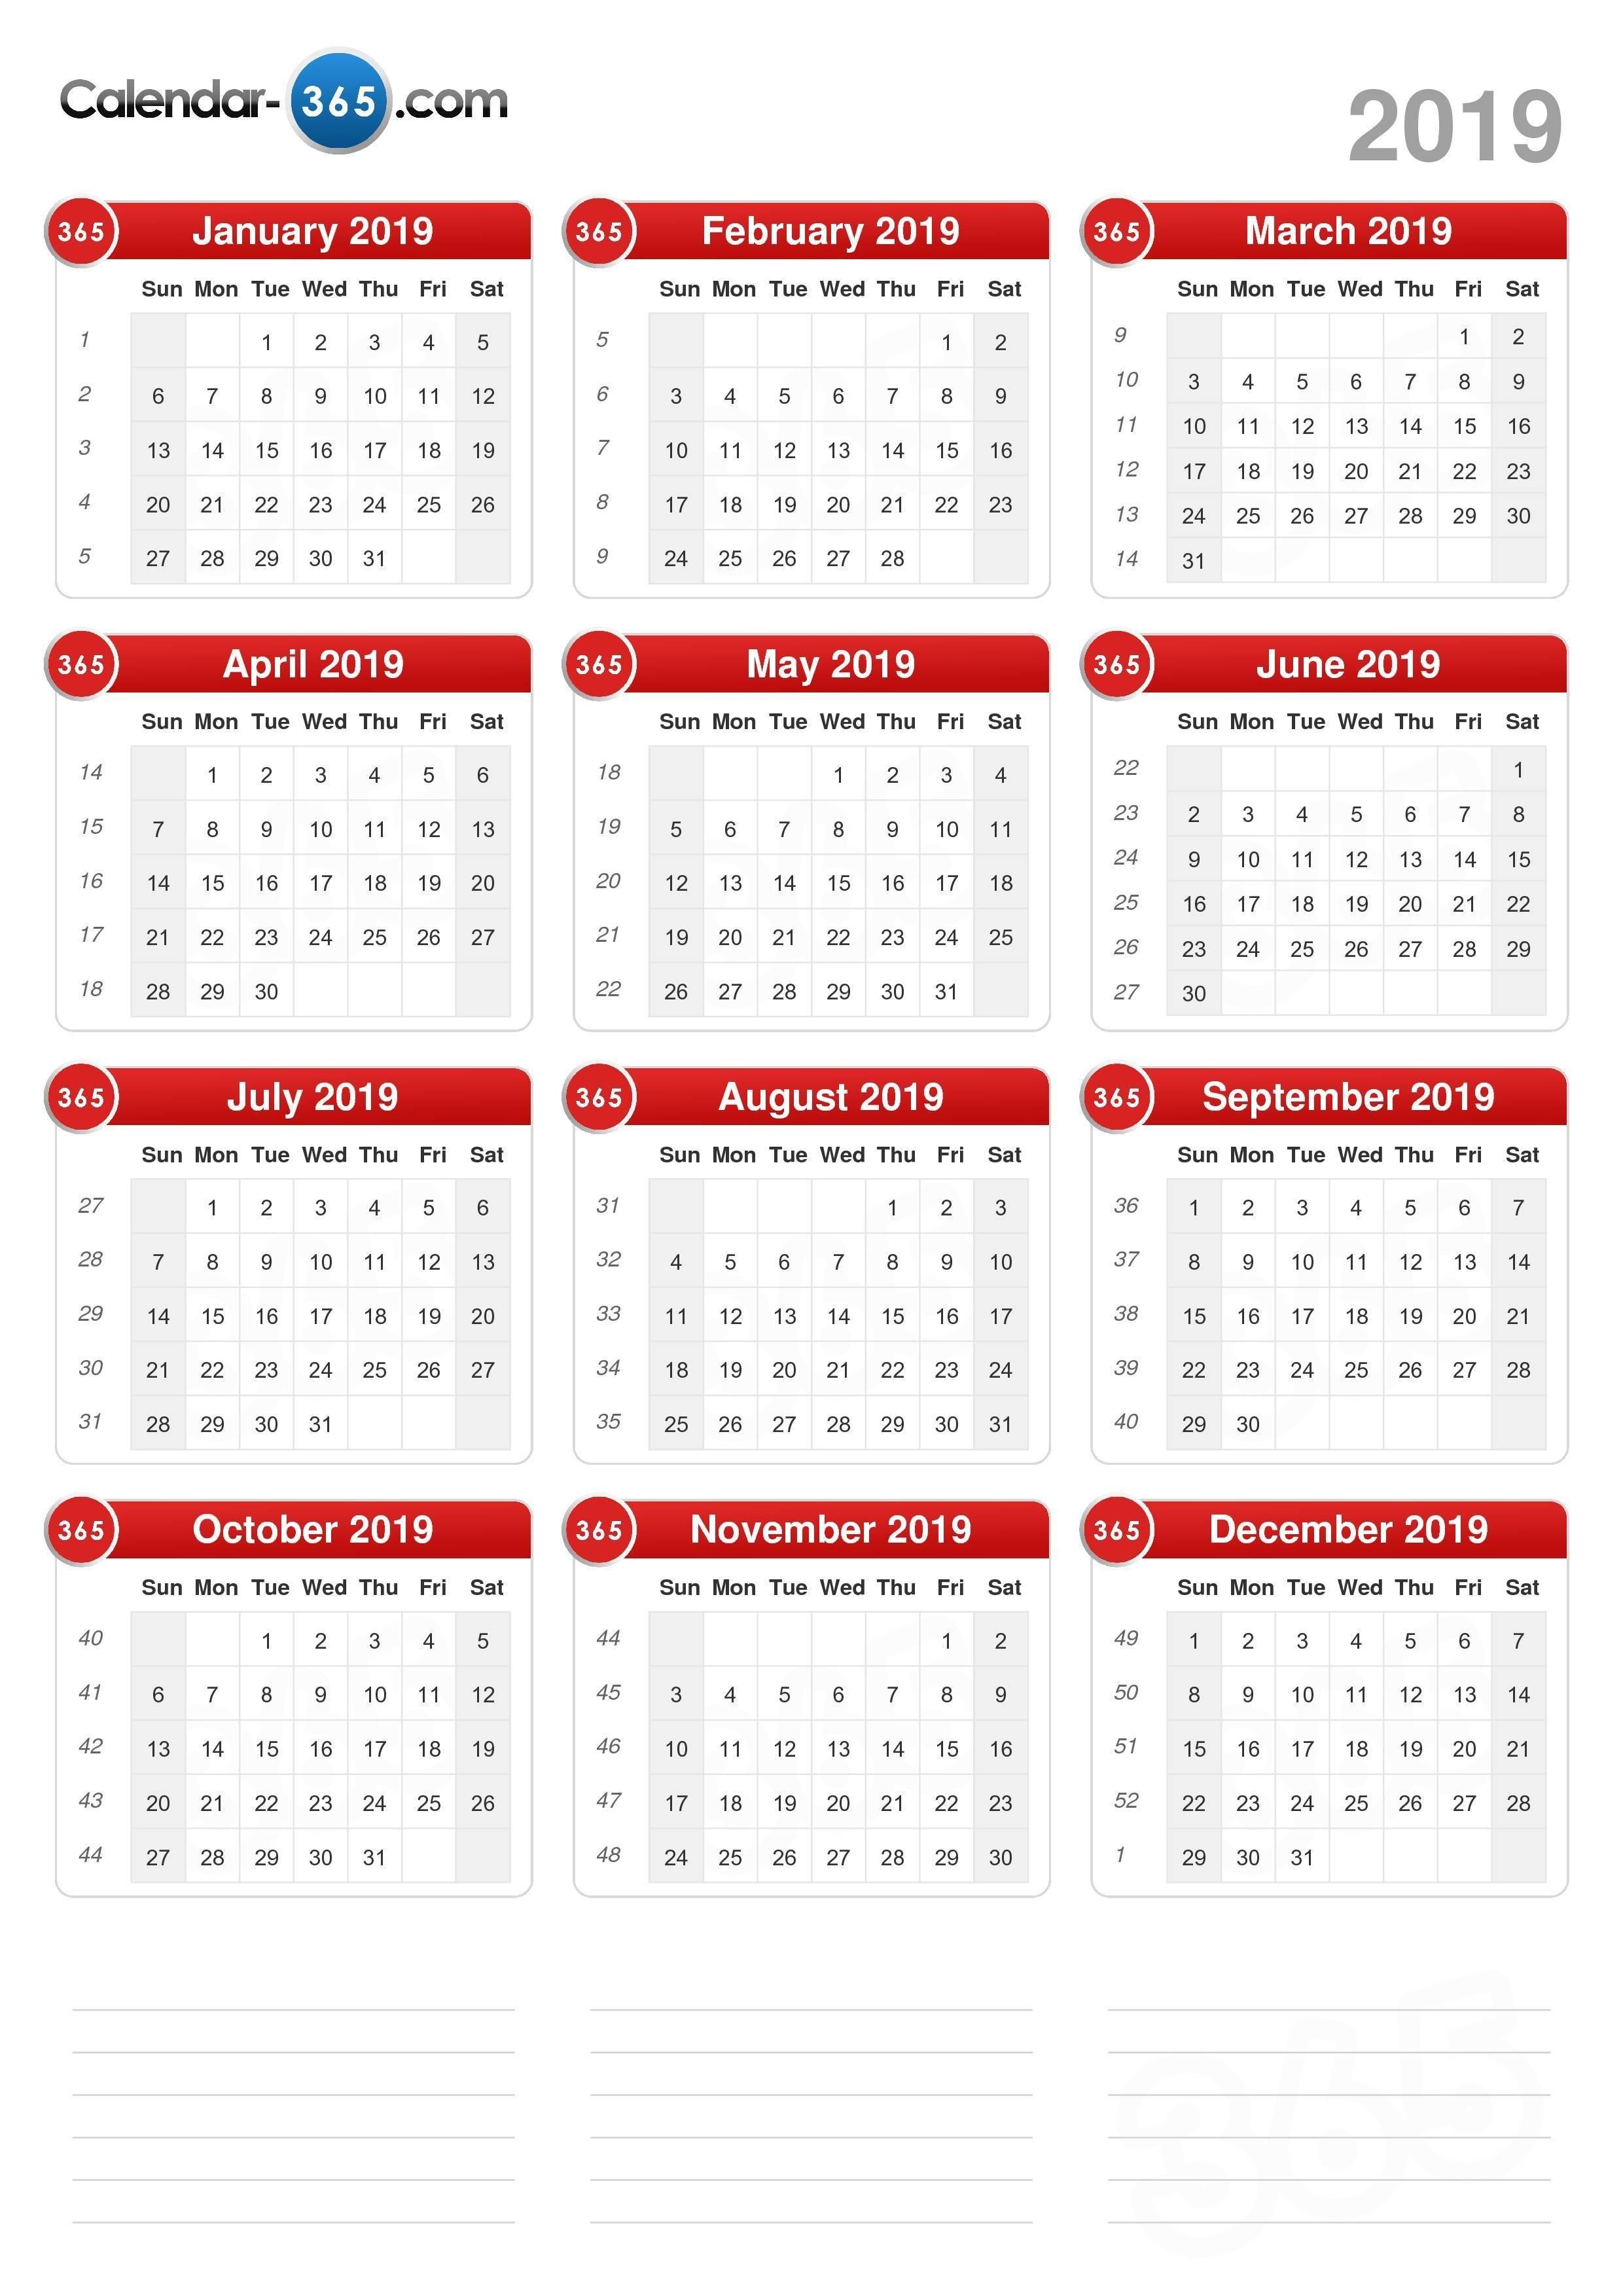 2019 Calendar Calendar Week 16 2019